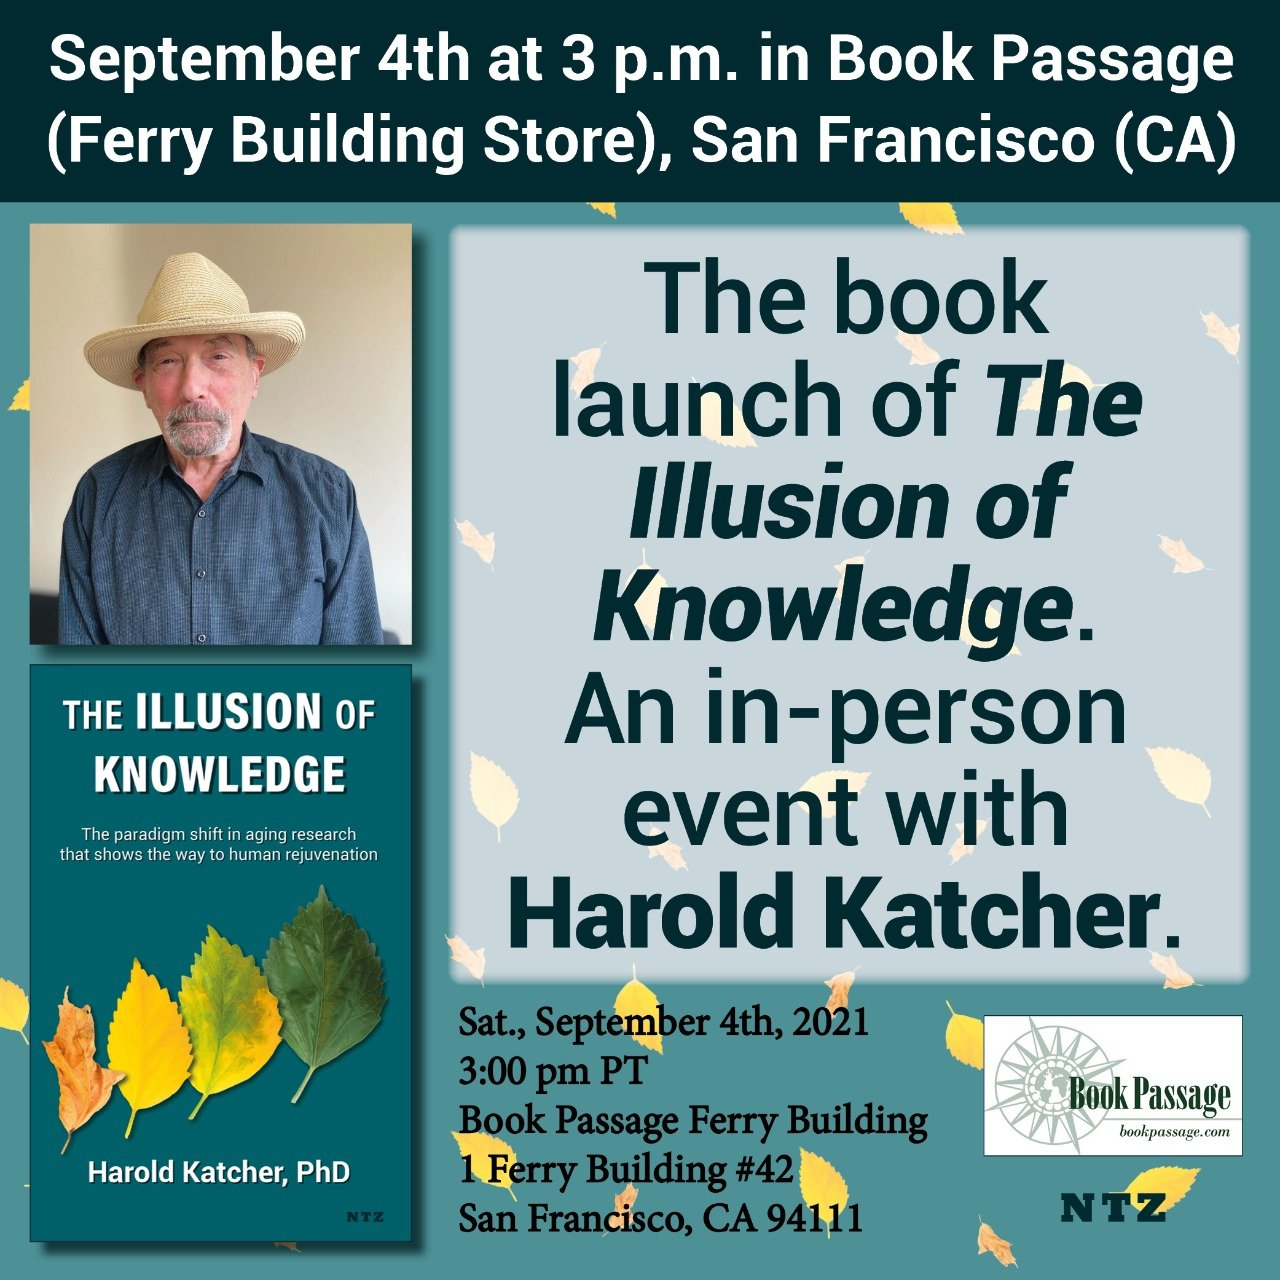 Harold Katcher